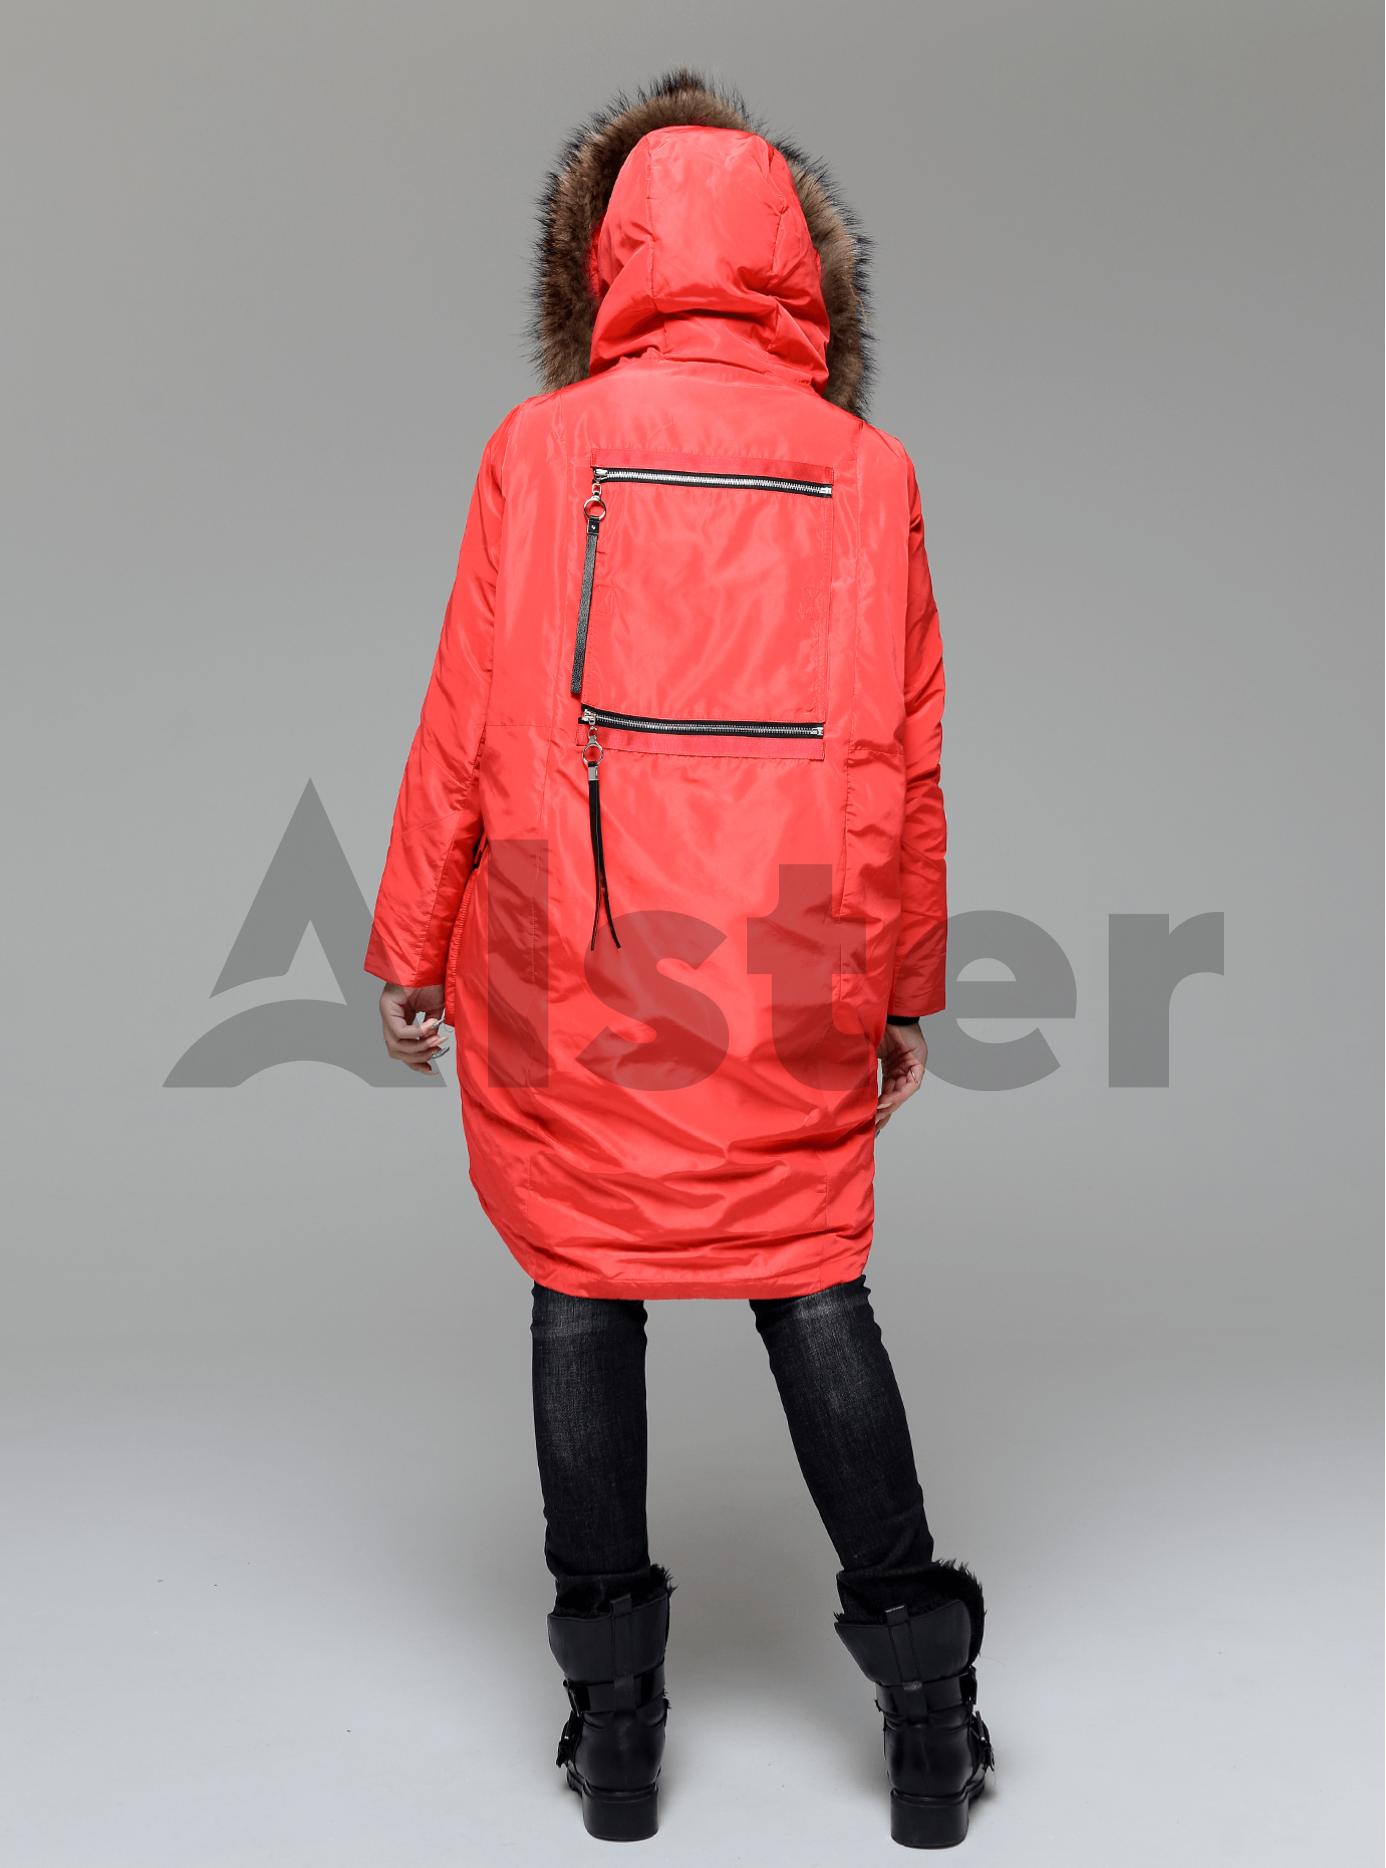 Куртка зимняя длинная с накладными карманами и мехом енота Красный L (05-V191235): фото - Alster.ua